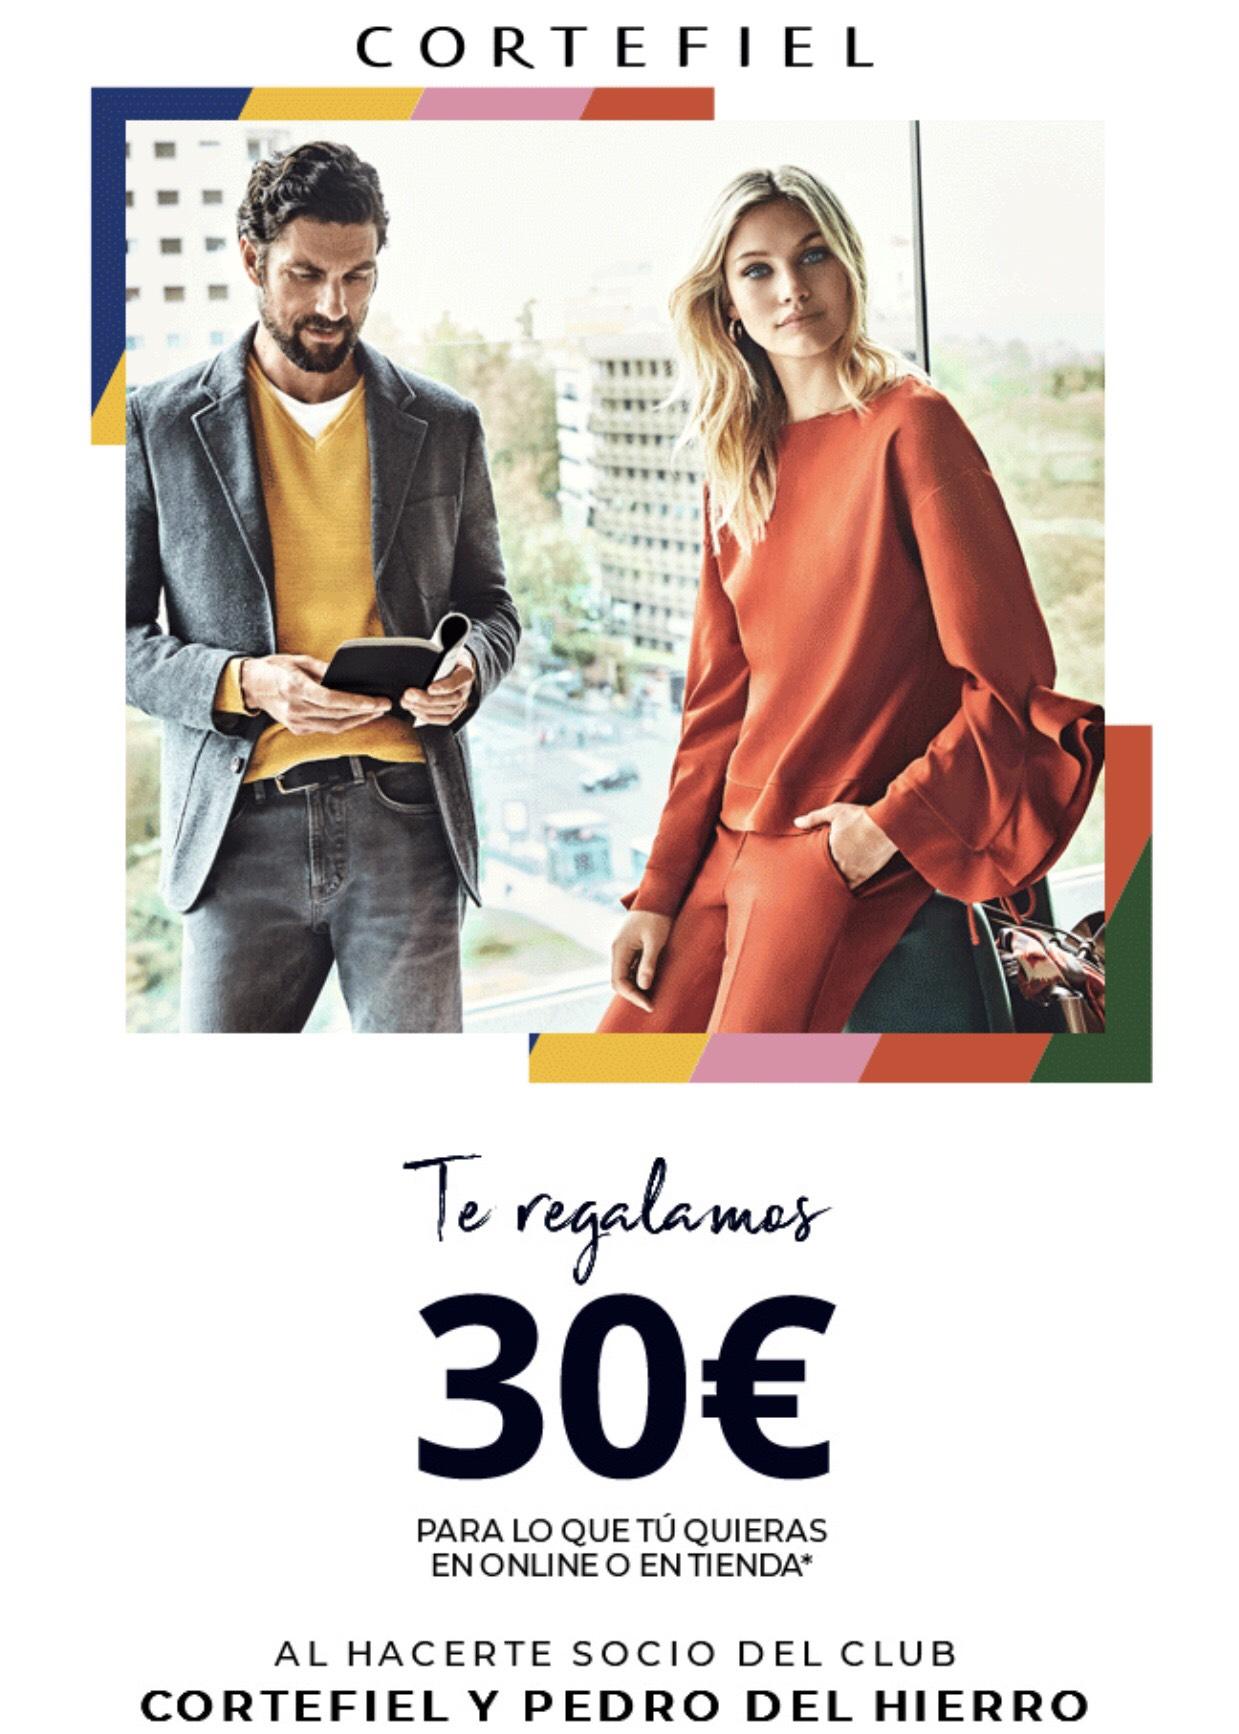 Descuento 30€ cortefiel